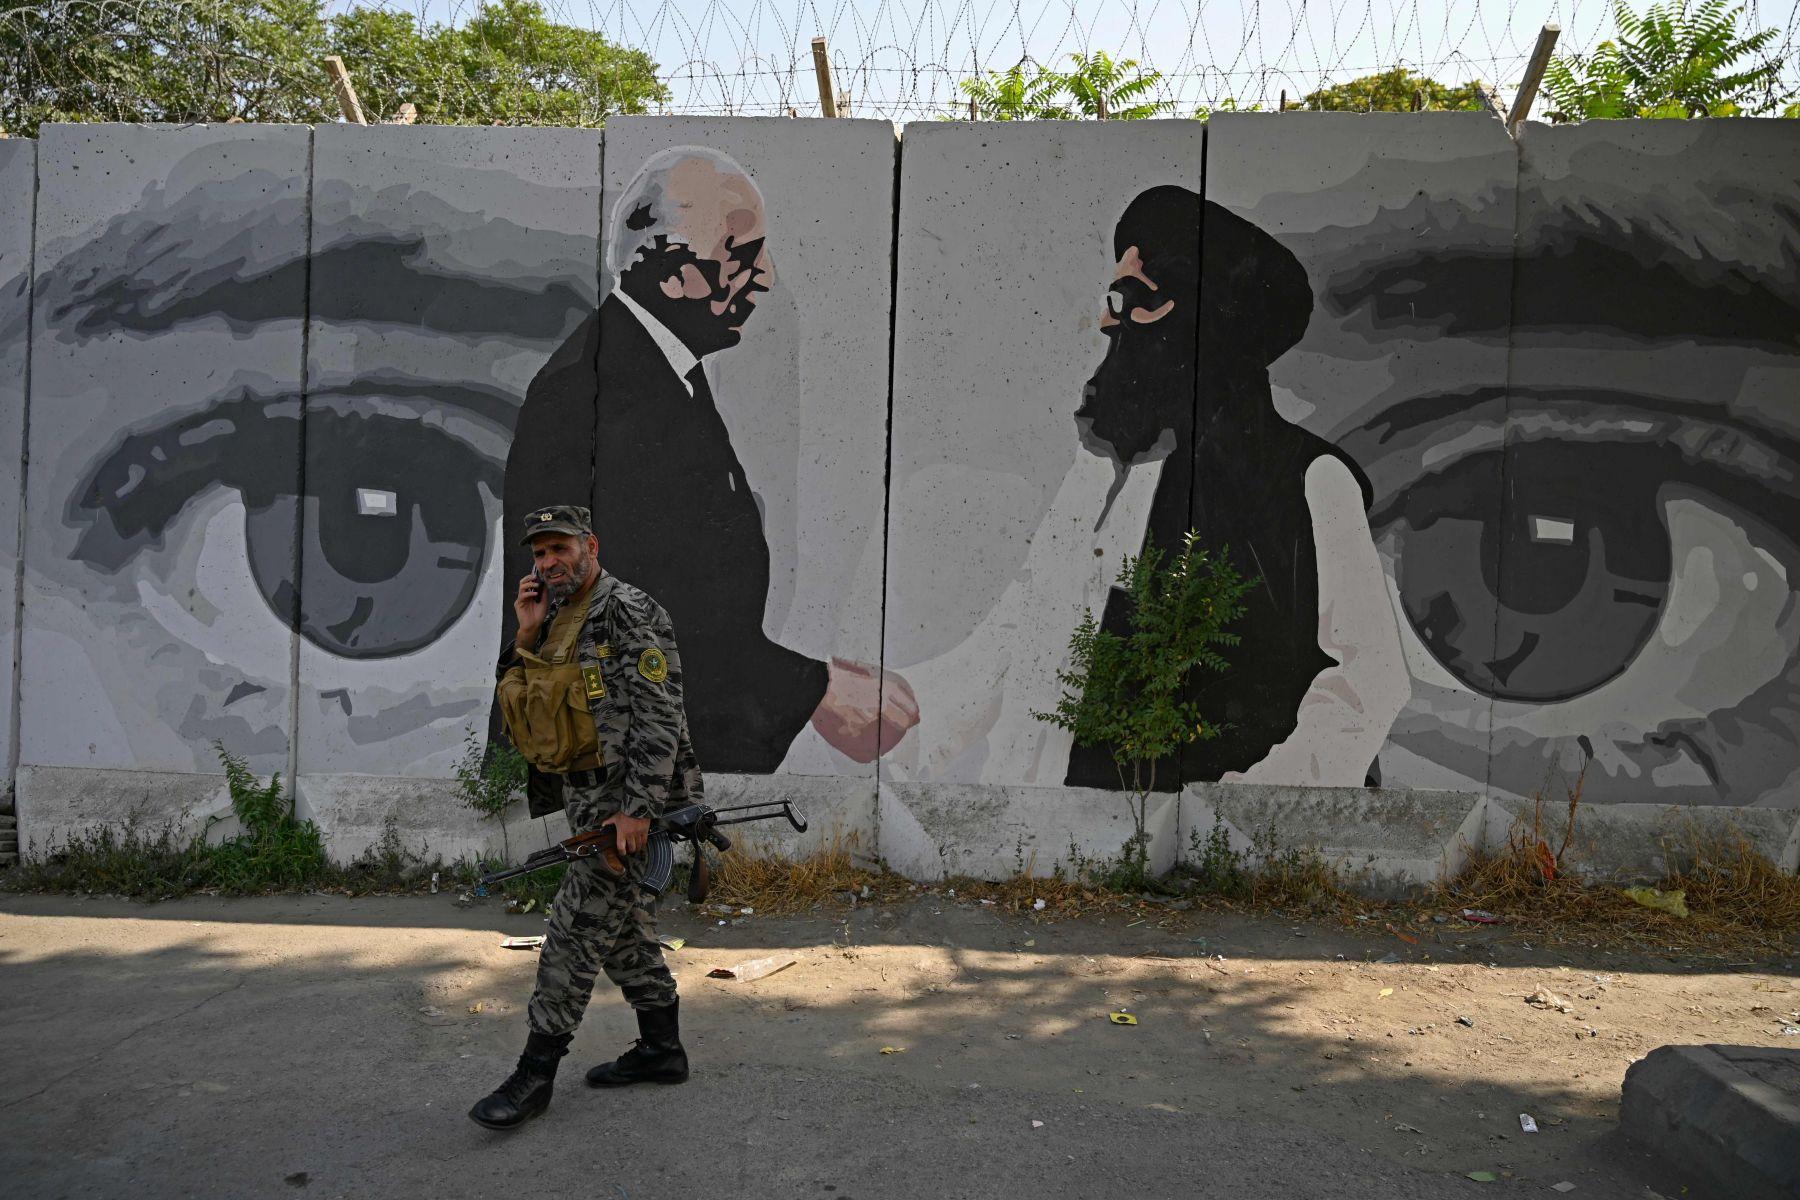 AFP/Wakil Kohsar